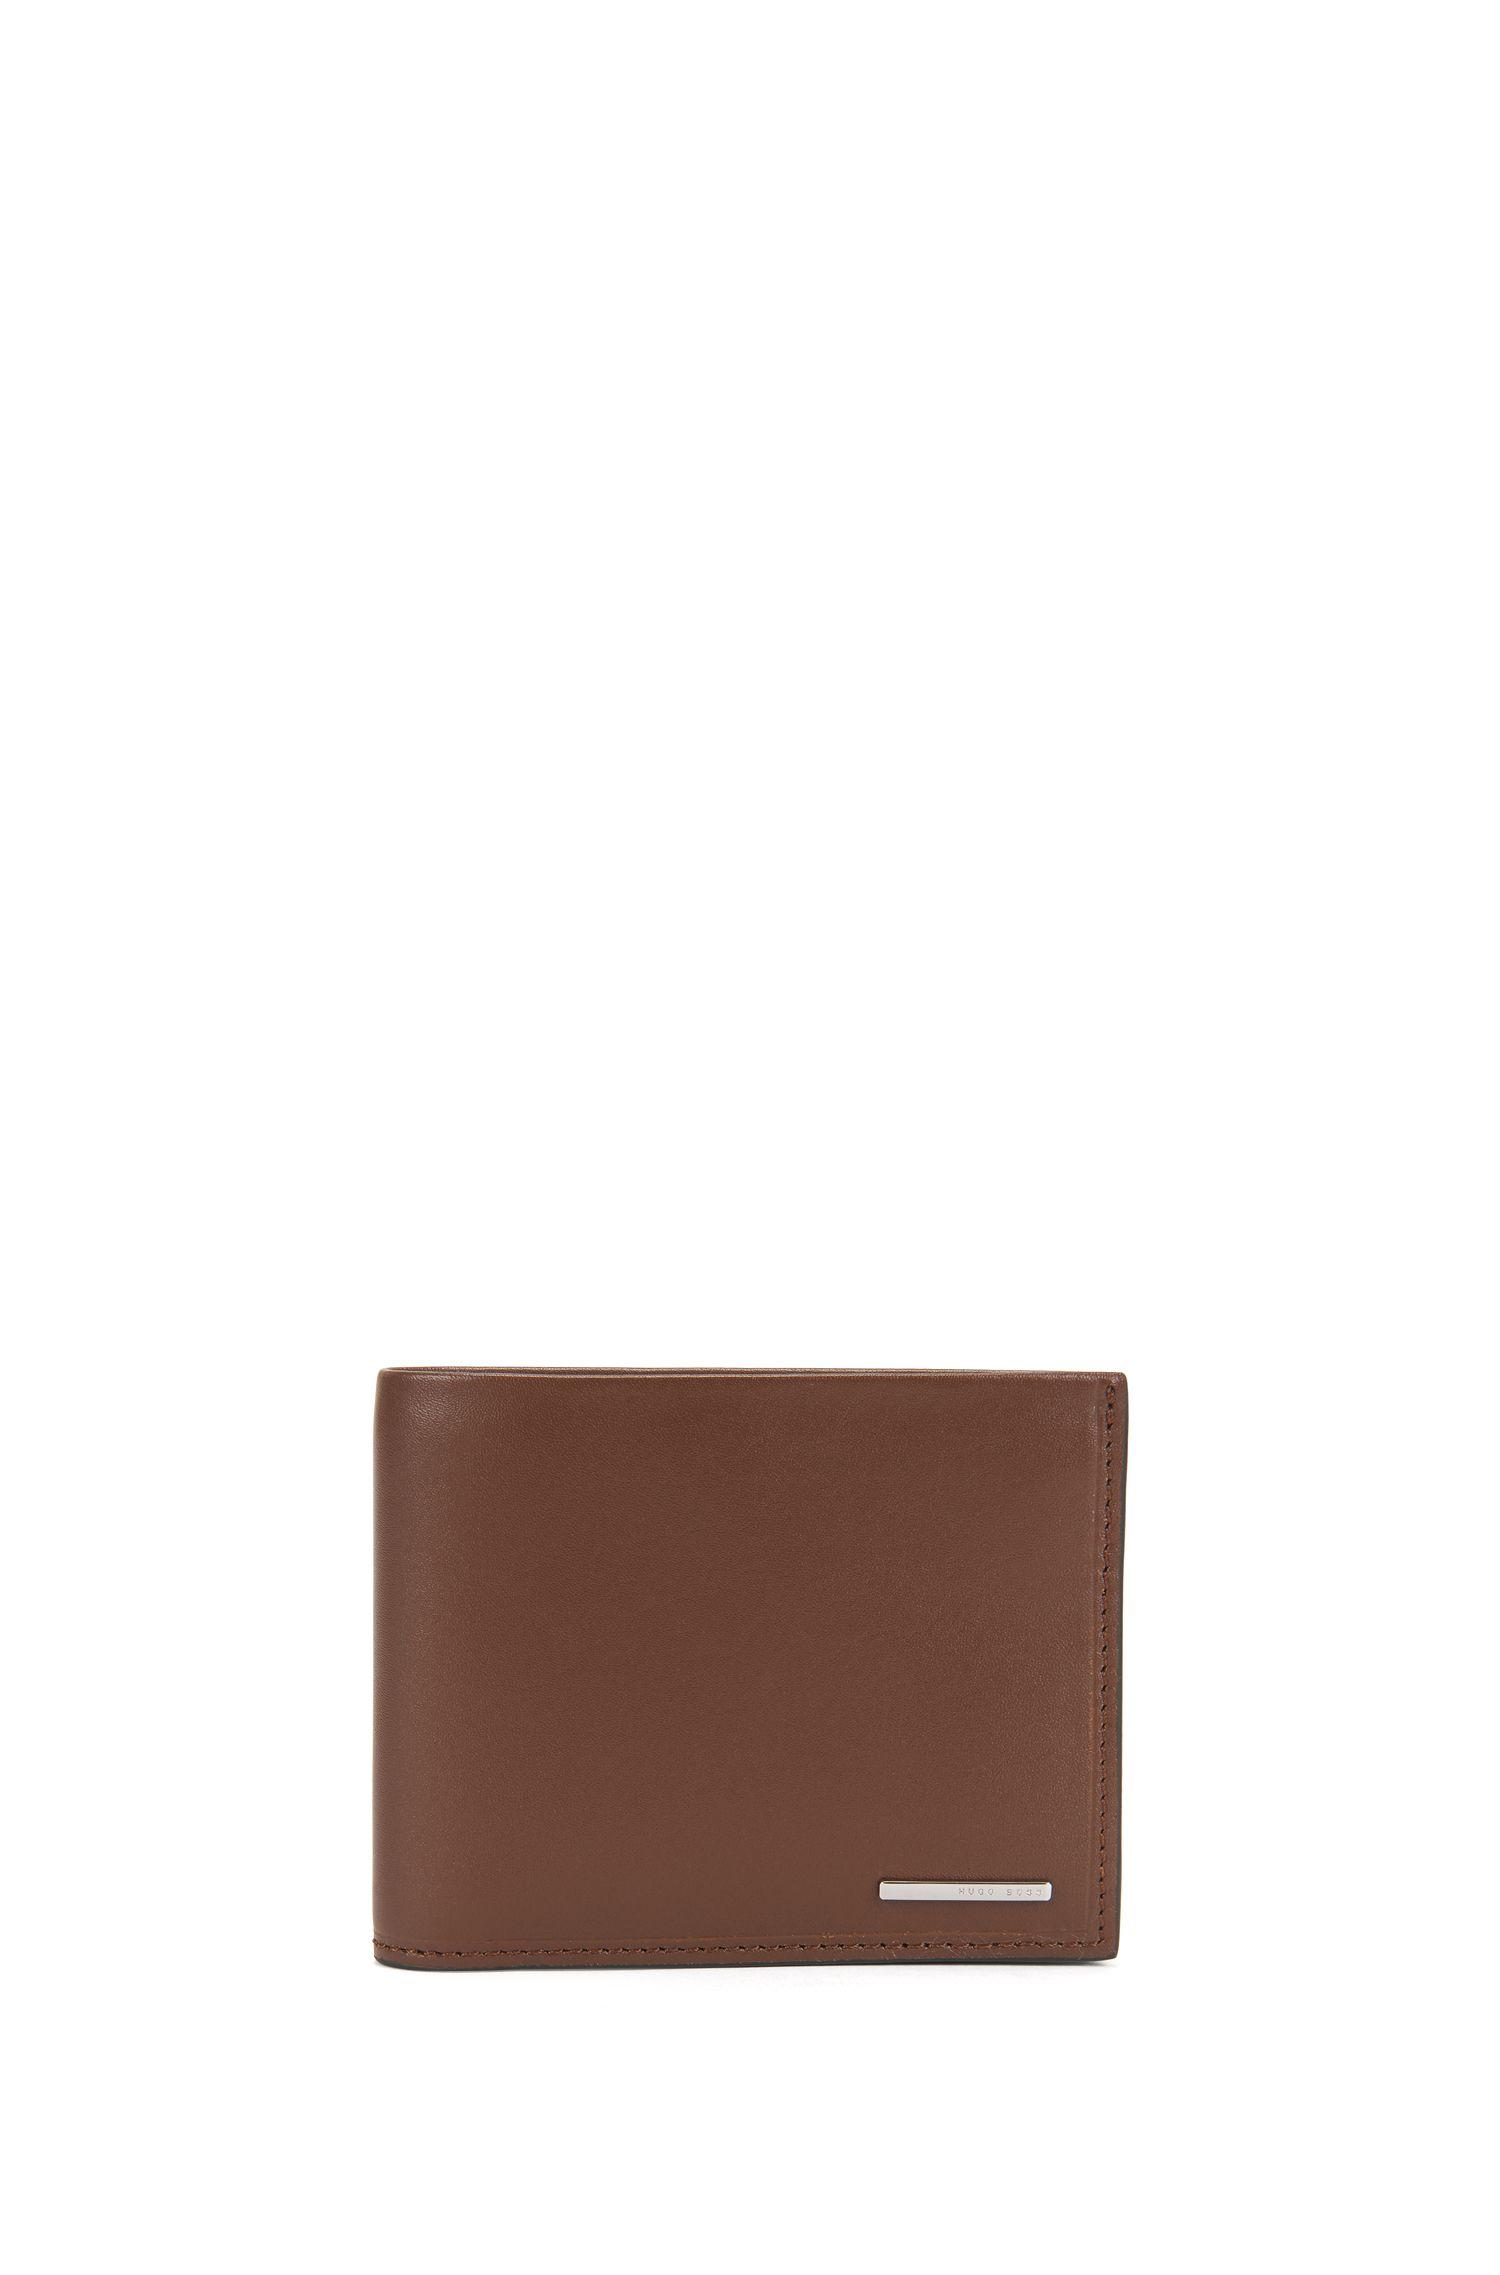 Leather Billfold Wallet | Ruben